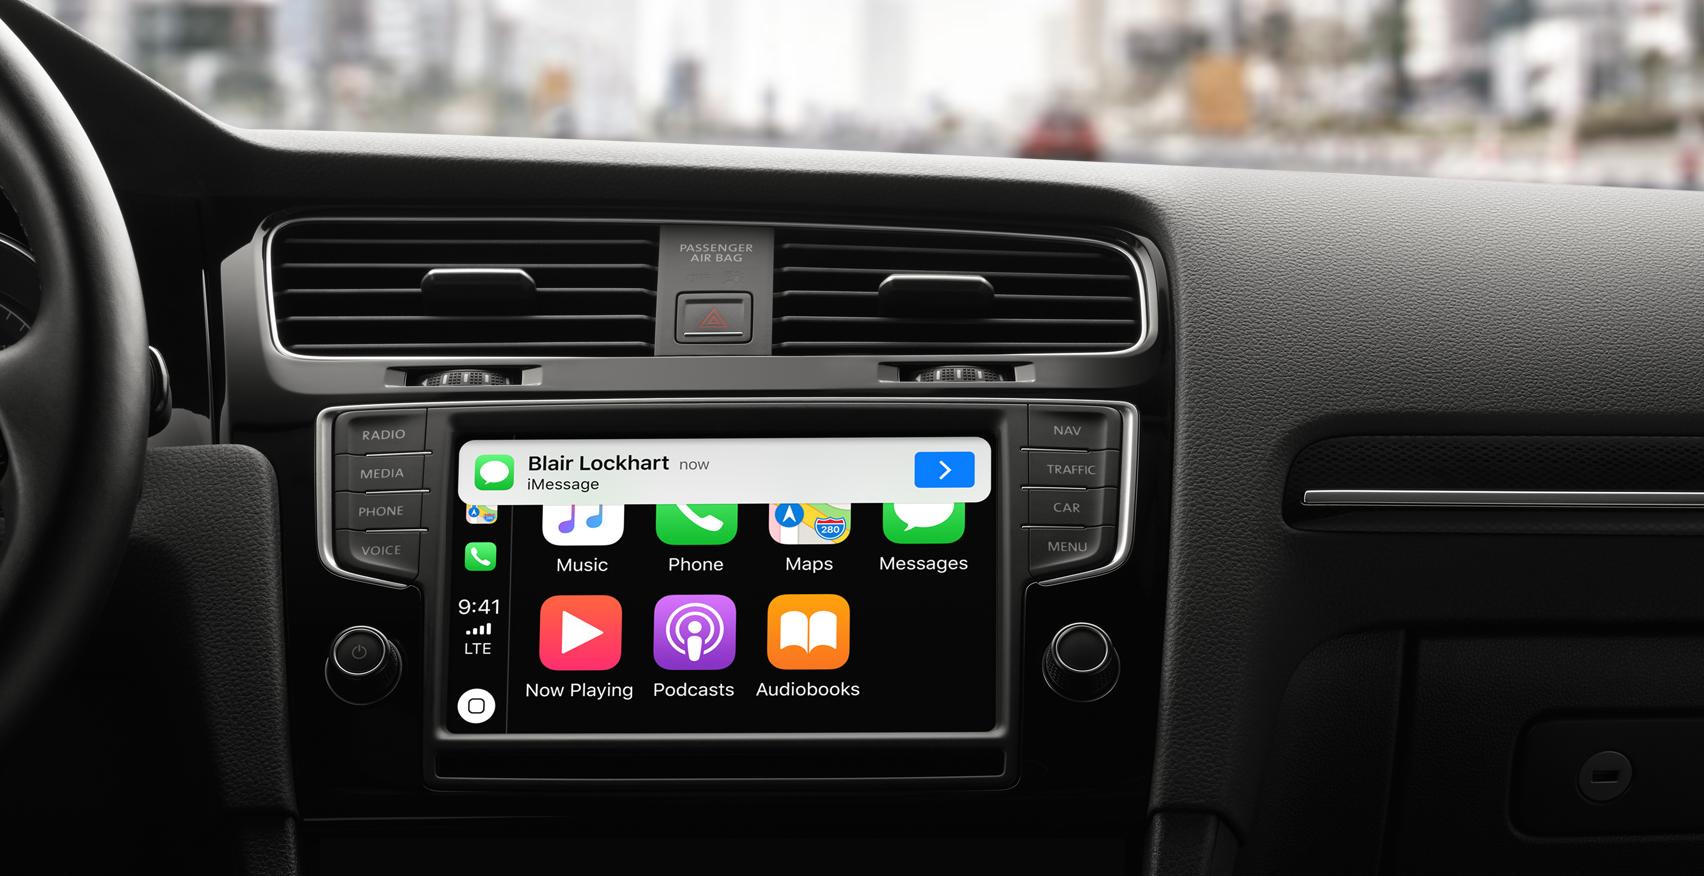 Apple CarPlay - The Ultimate Copilot